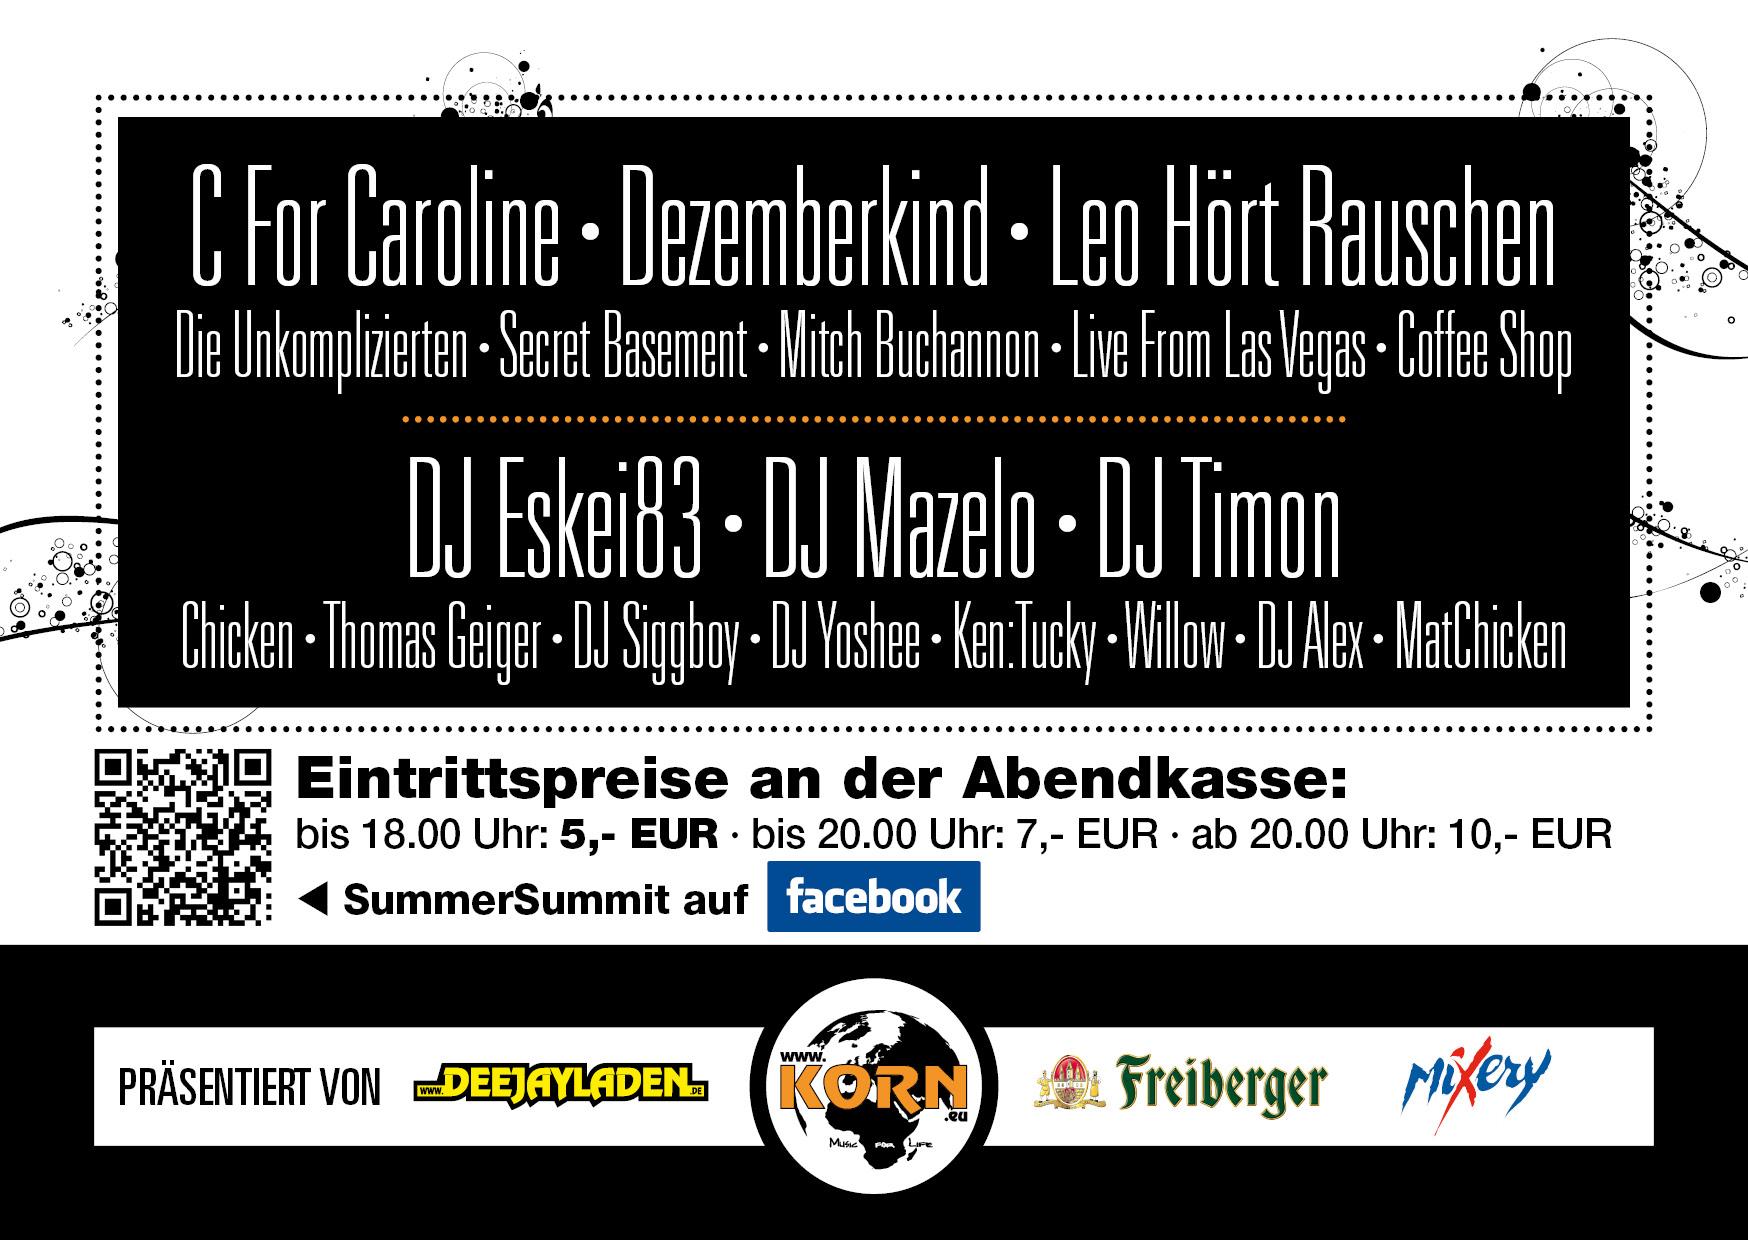 Flyer_R SummerSummit OpenAir 2011 - 09.07.2011 Oschatz